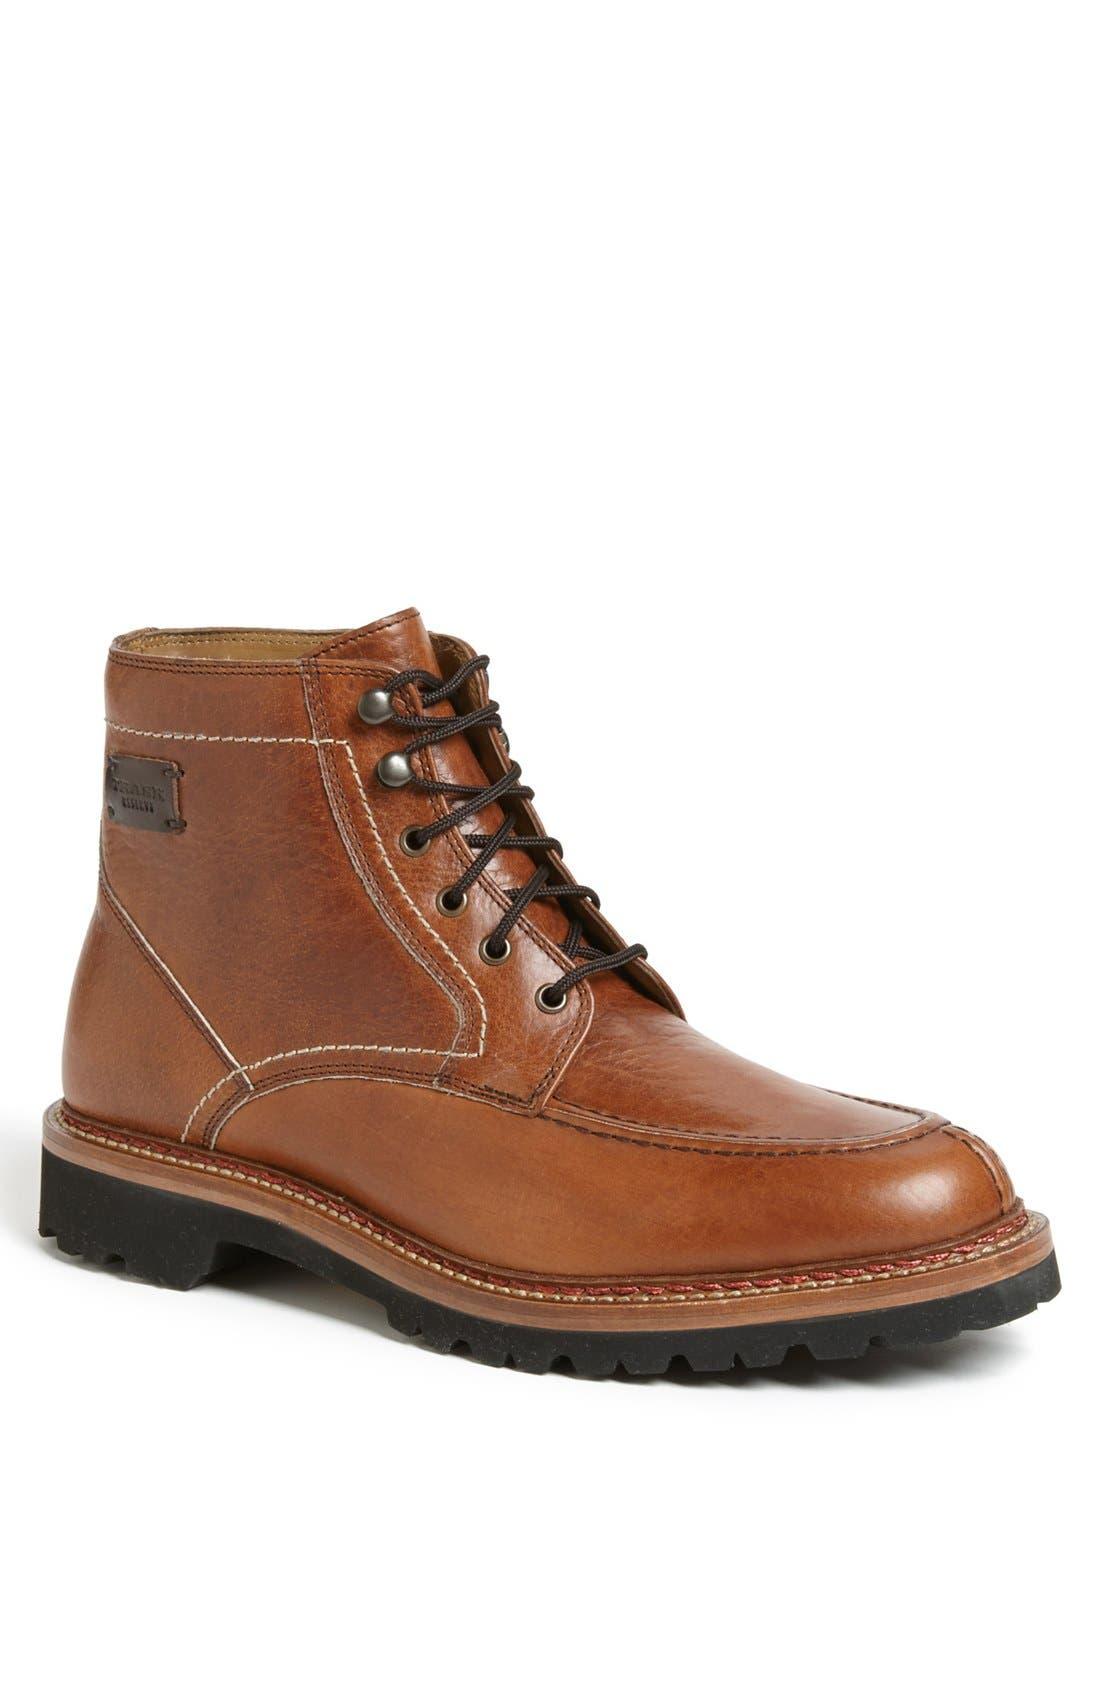 Trask 'Elkhorn' Split Toe Boot